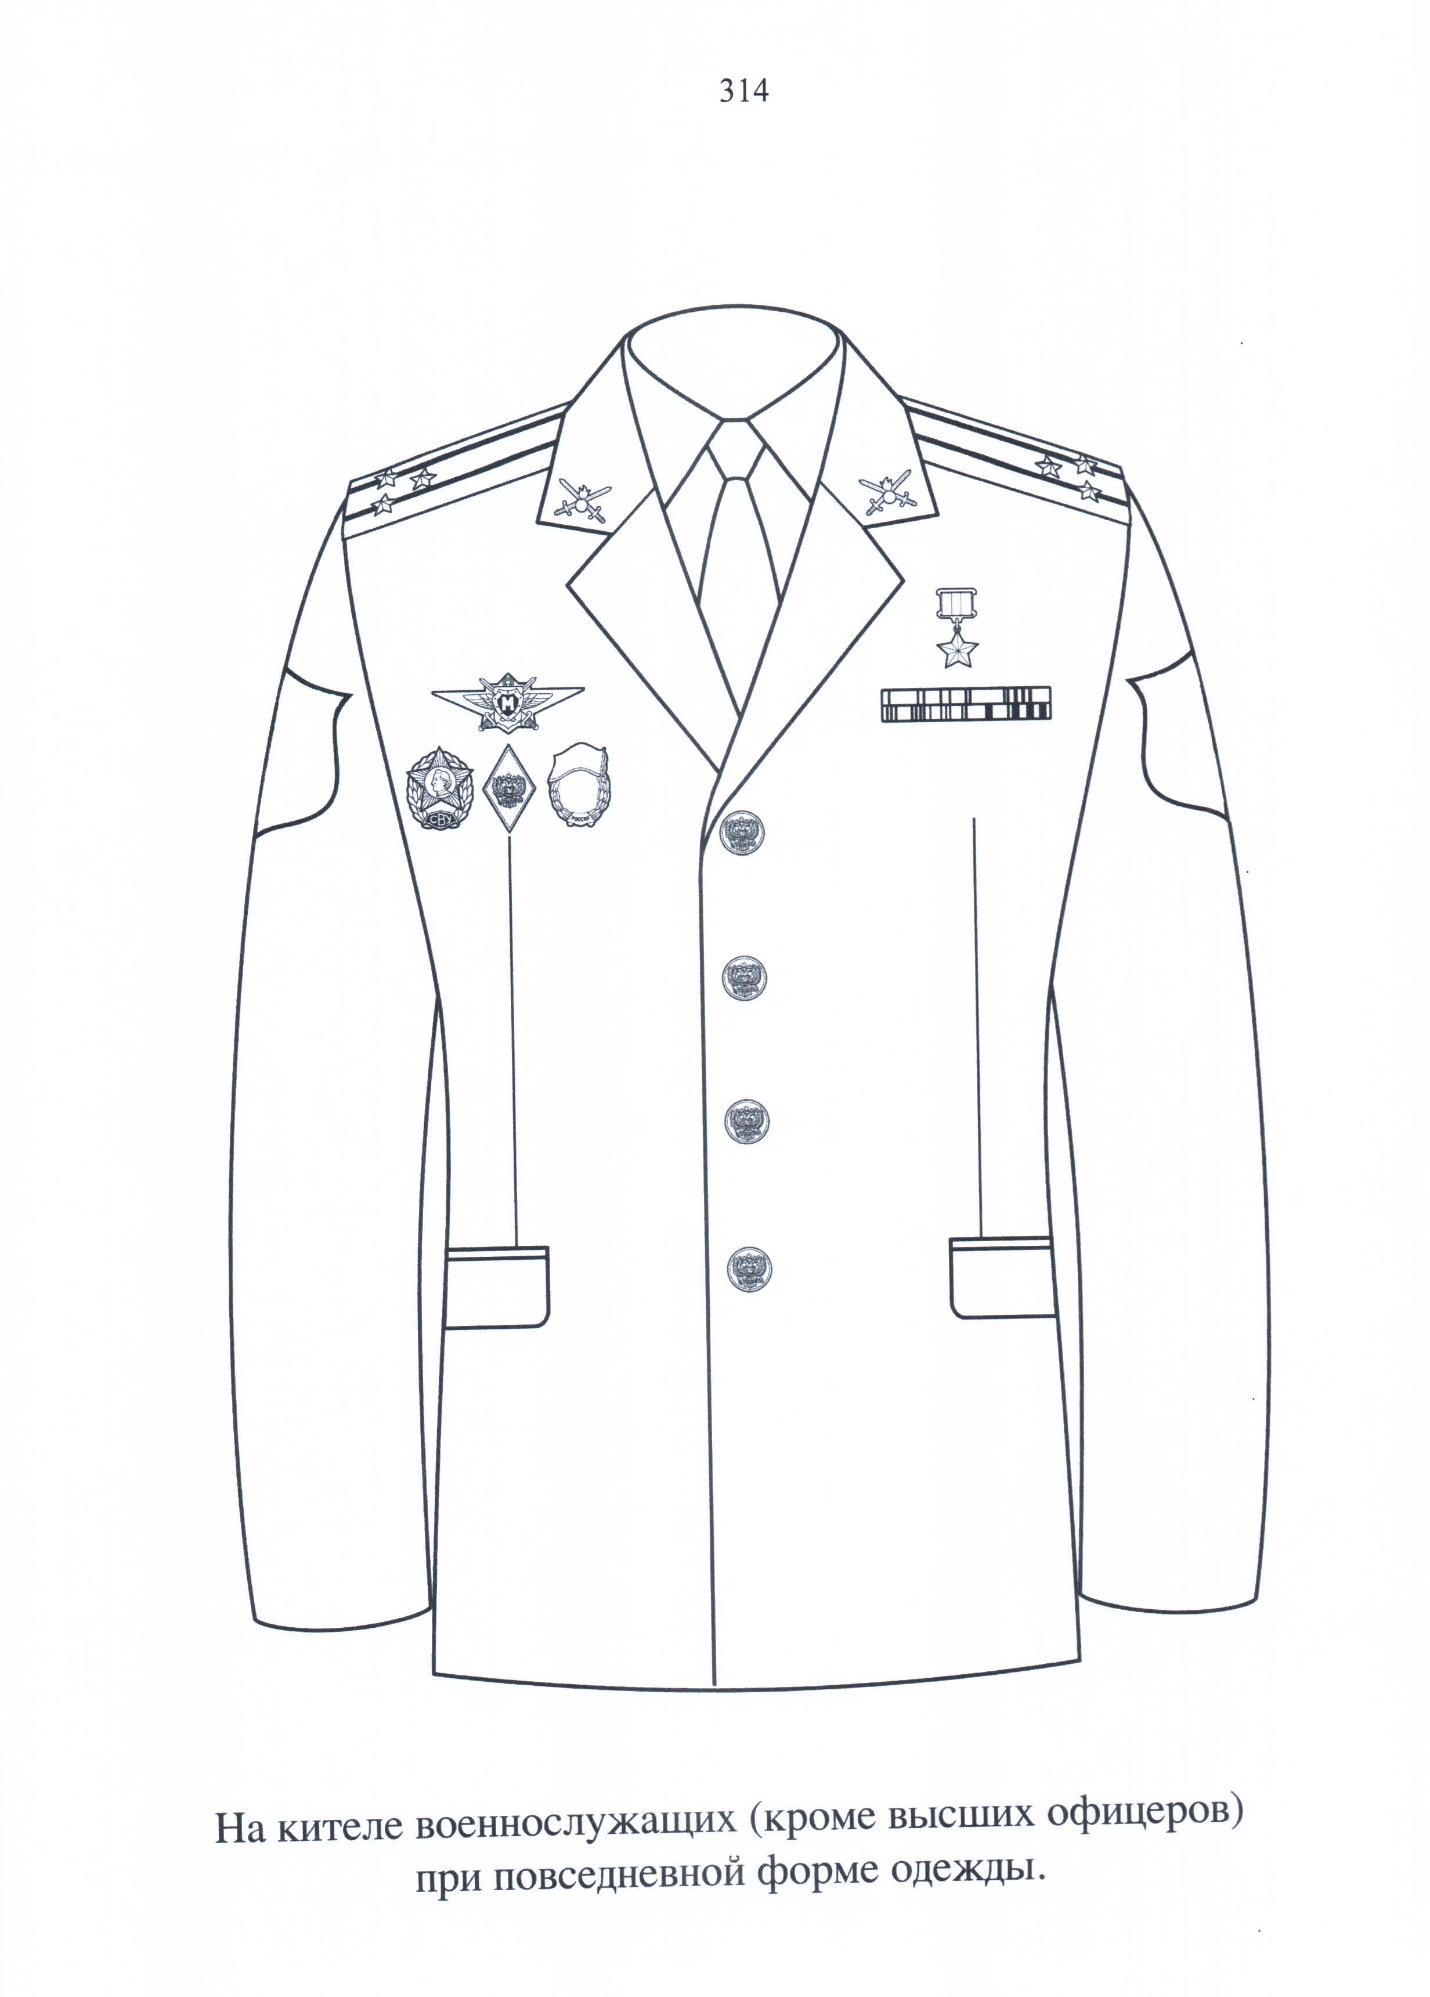 C:\Users\User\Desktop\Приказ МО РФ от 22.06.2015 г. № 300 Правила ношения военной формы одежды\185014.JPG